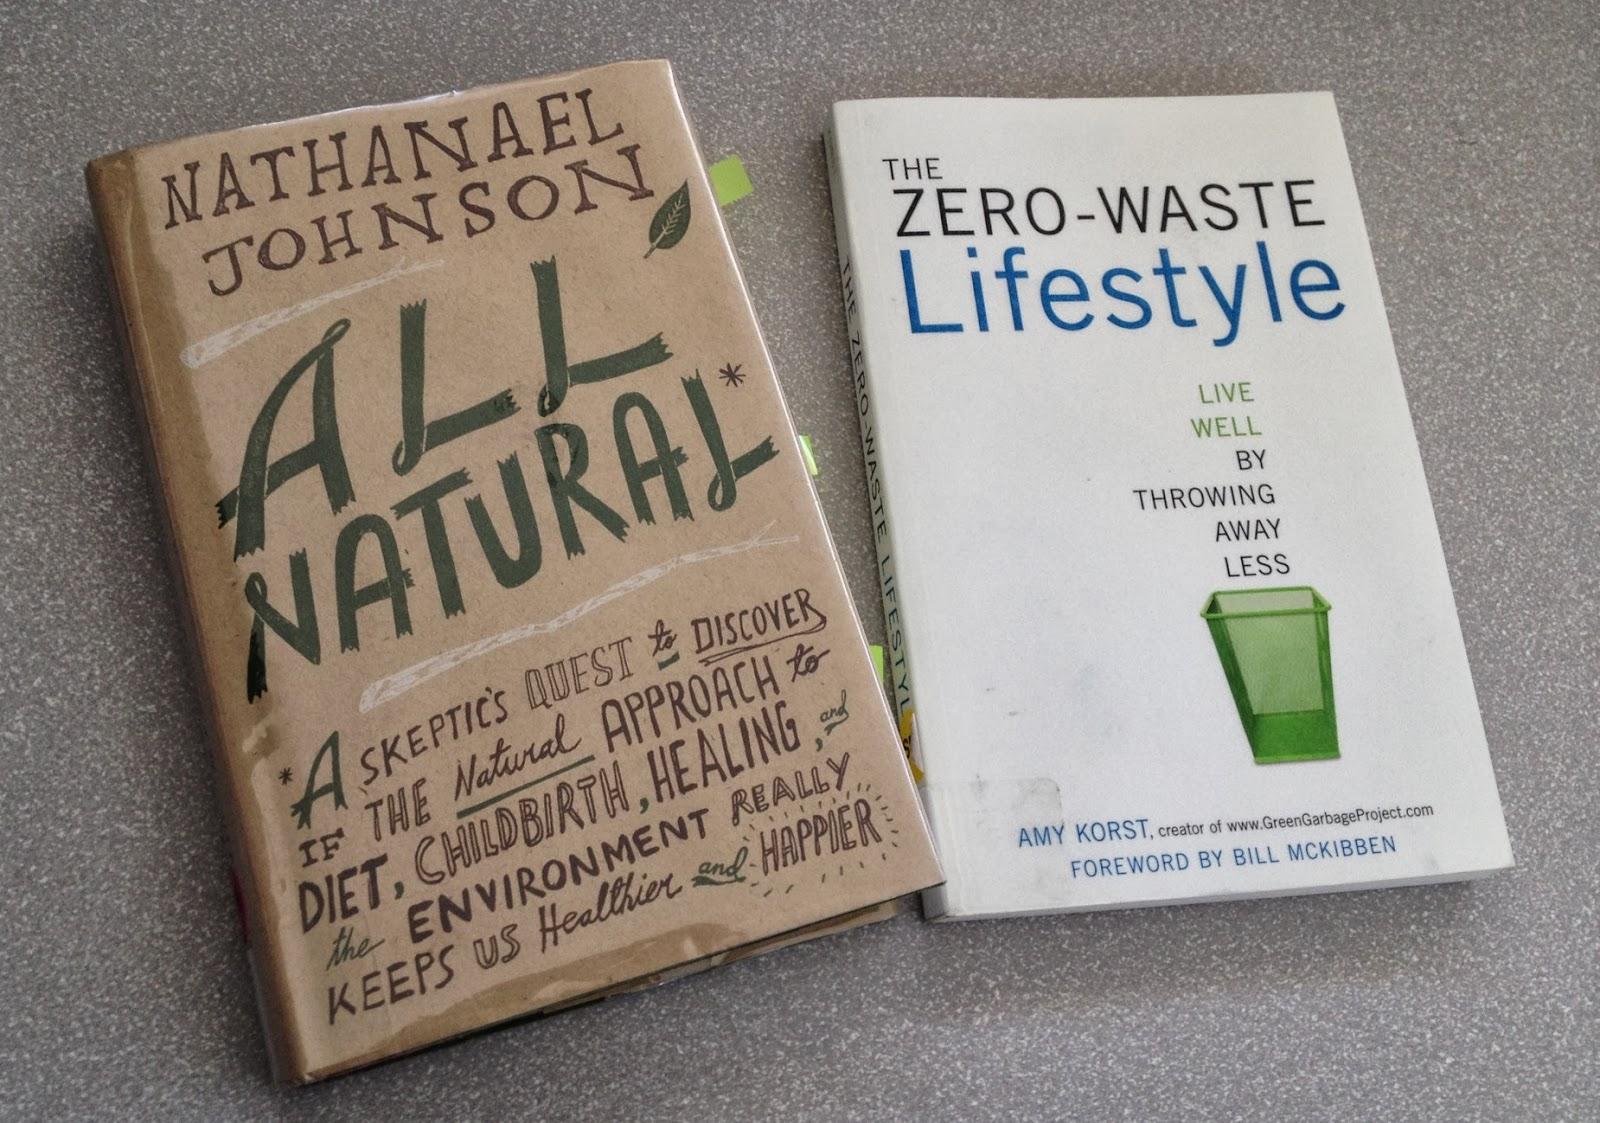 all natural nathanael johnson pdf